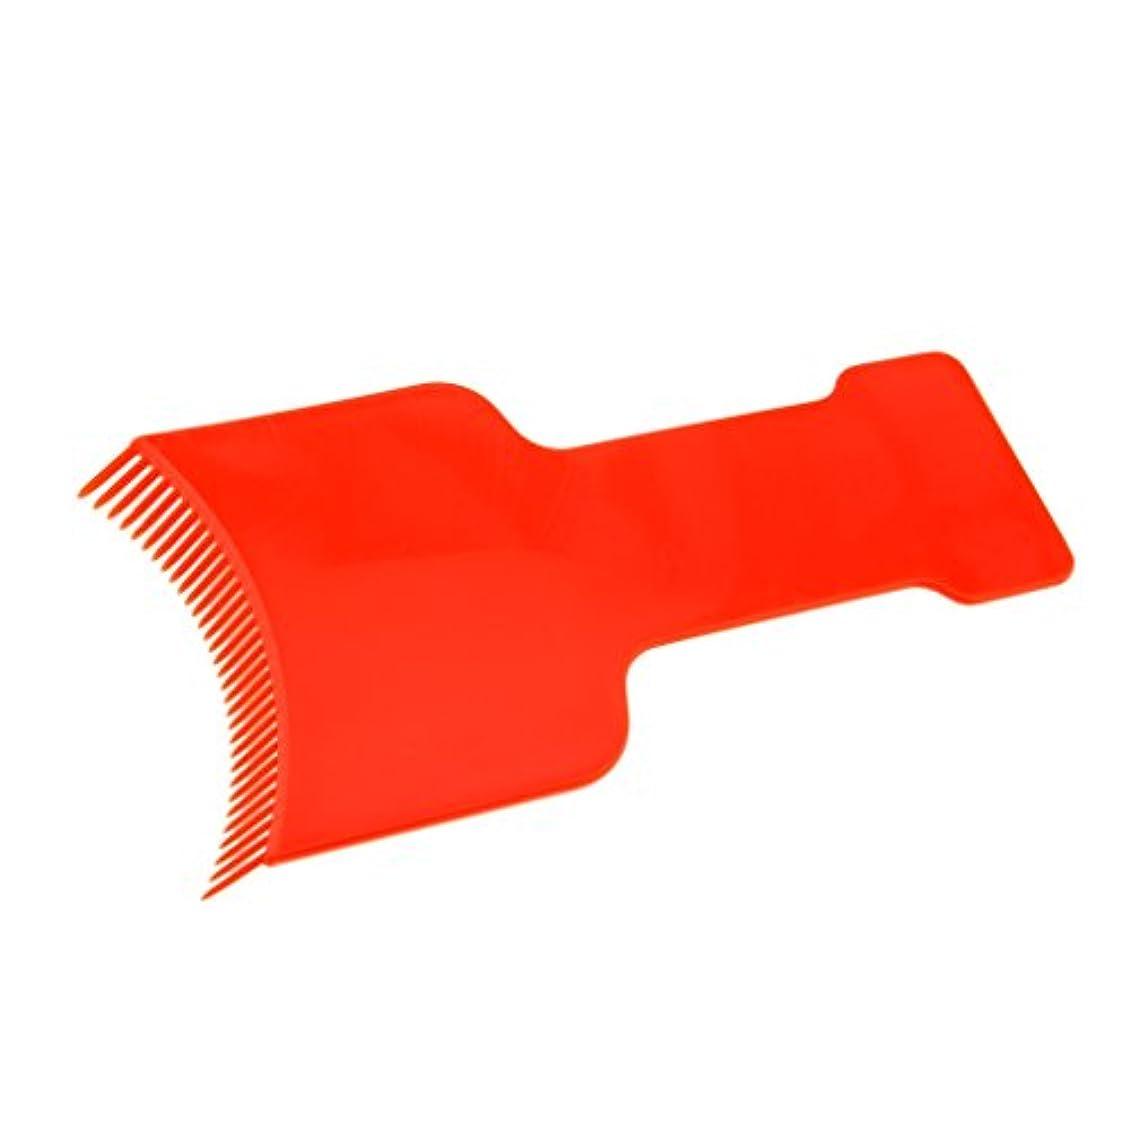 太いカーペットクライマックス染色ボード 染色櫛 プレート ヘアダイコーム ヘアダイブラシ ヘアカラーリング用品